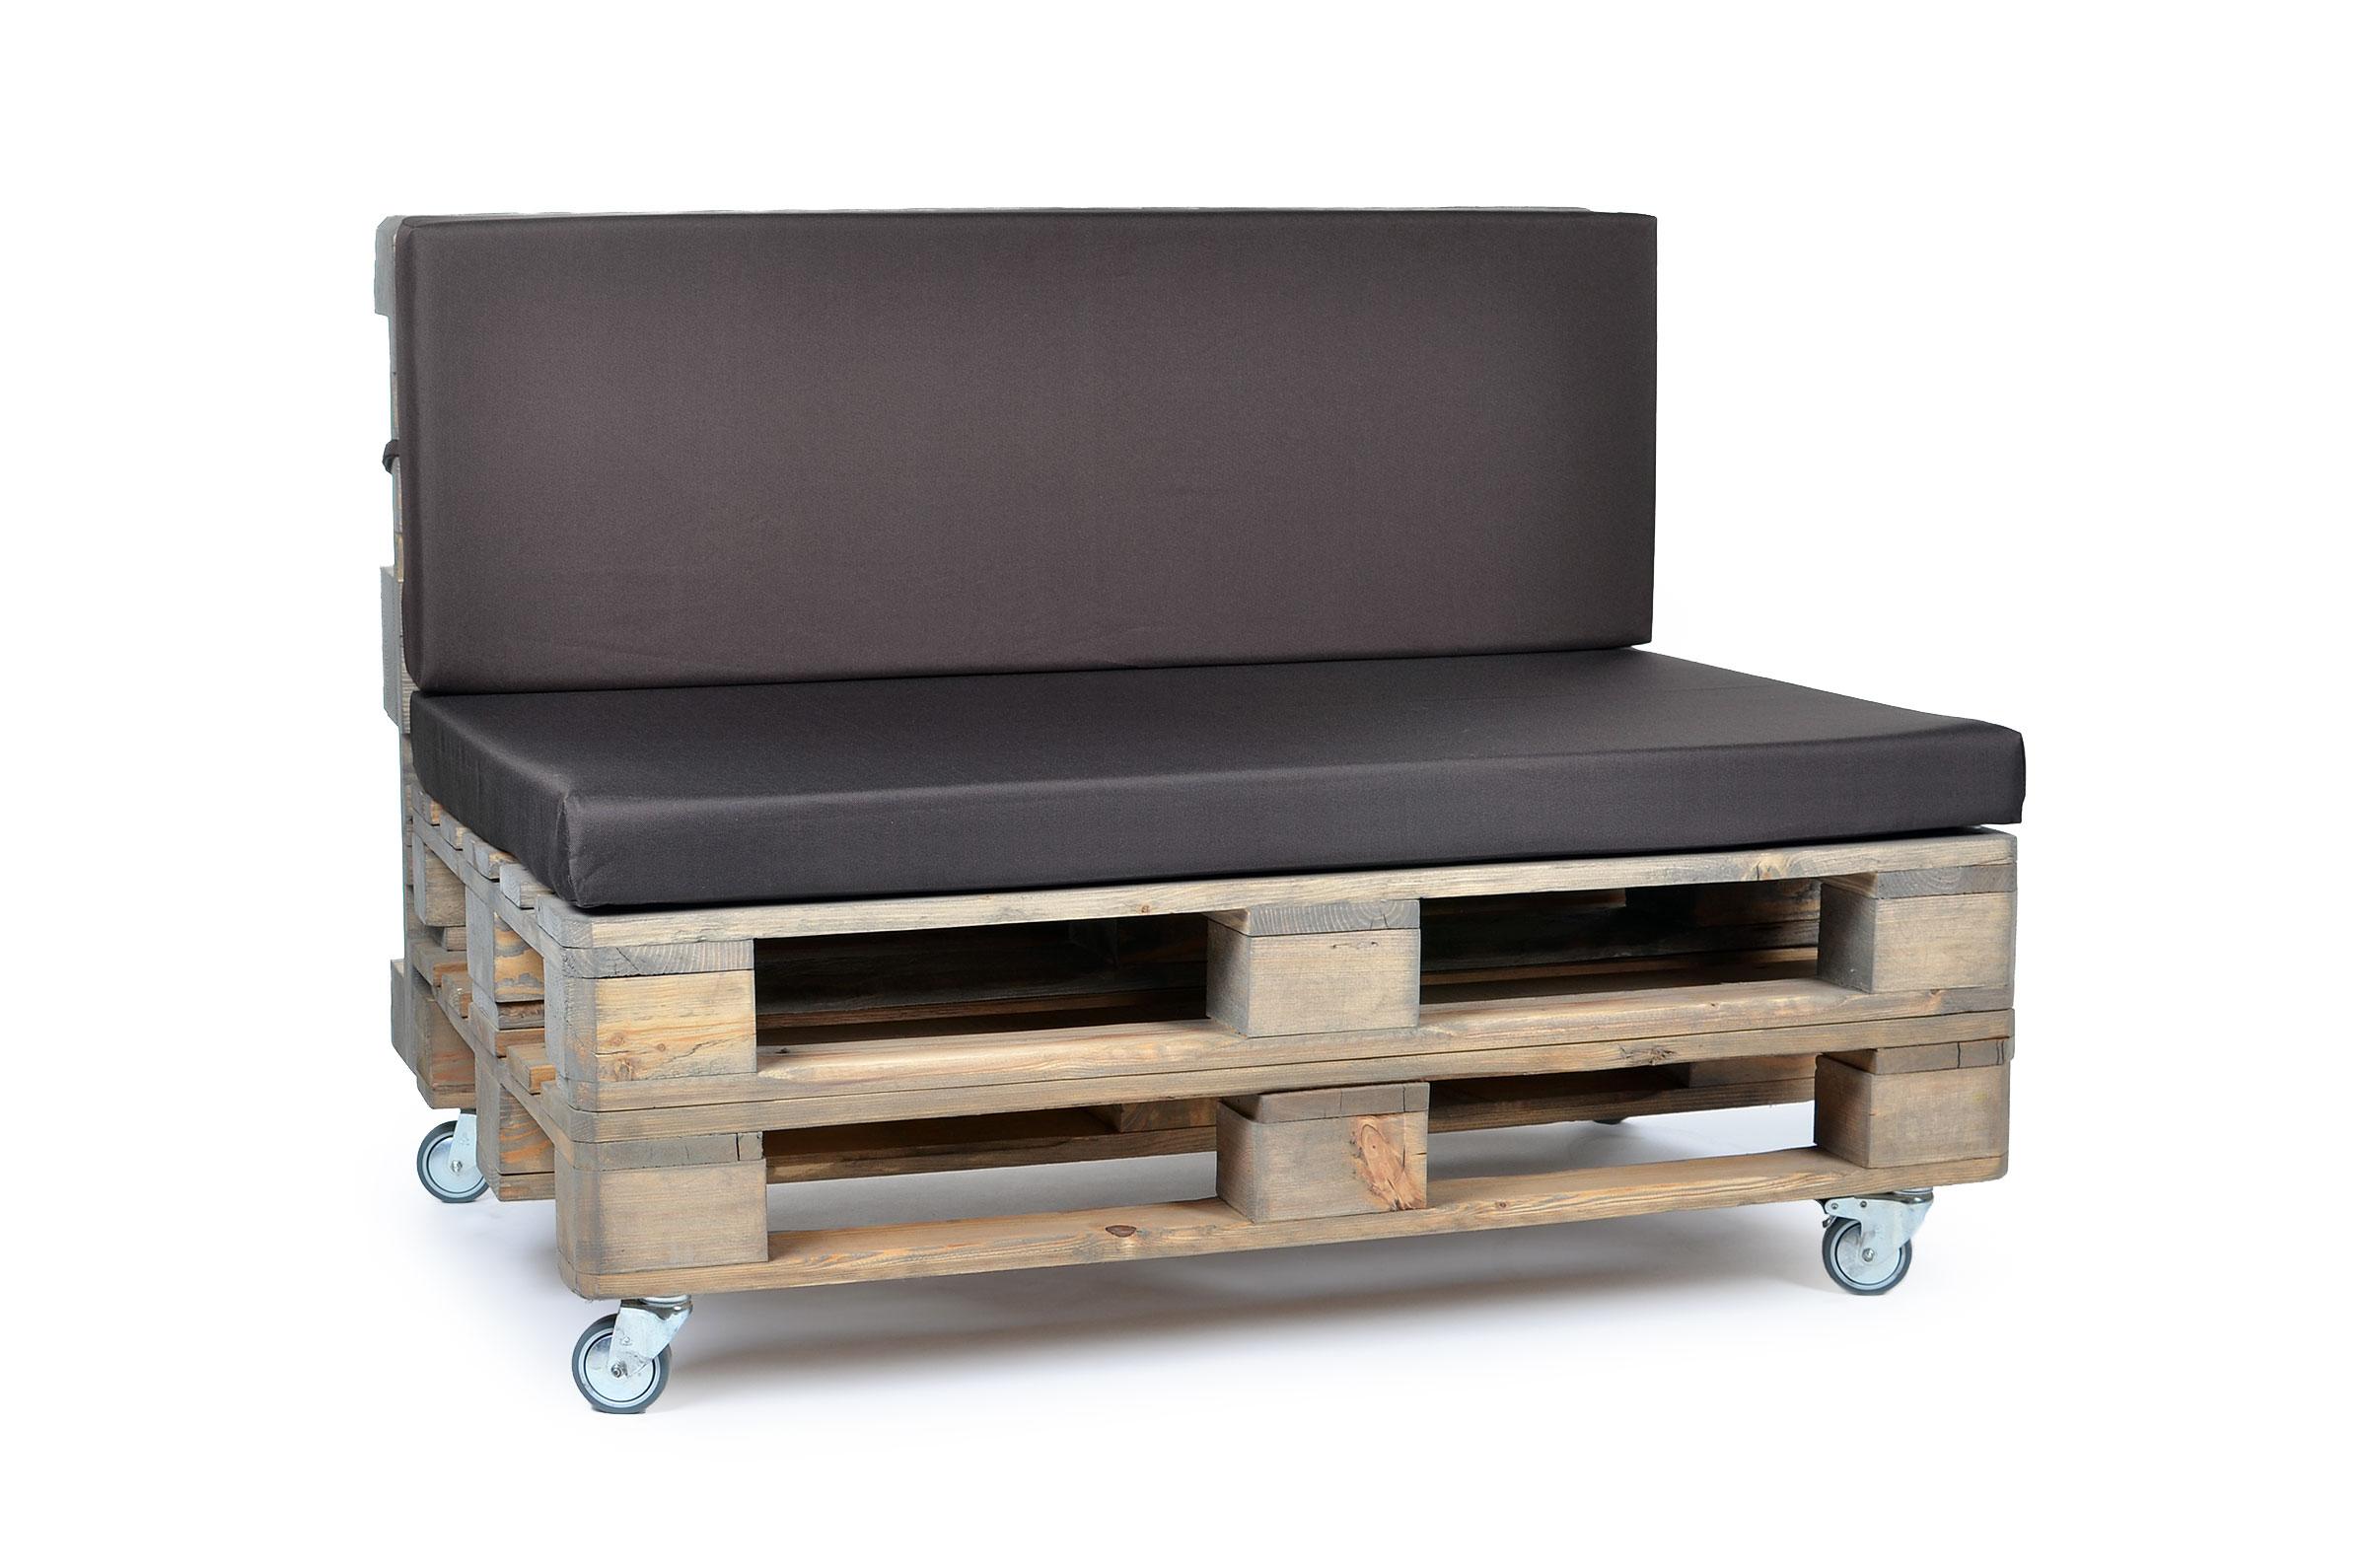 Palettenkissen Palettenauflagen Matratzenkissen Möbel Sofa